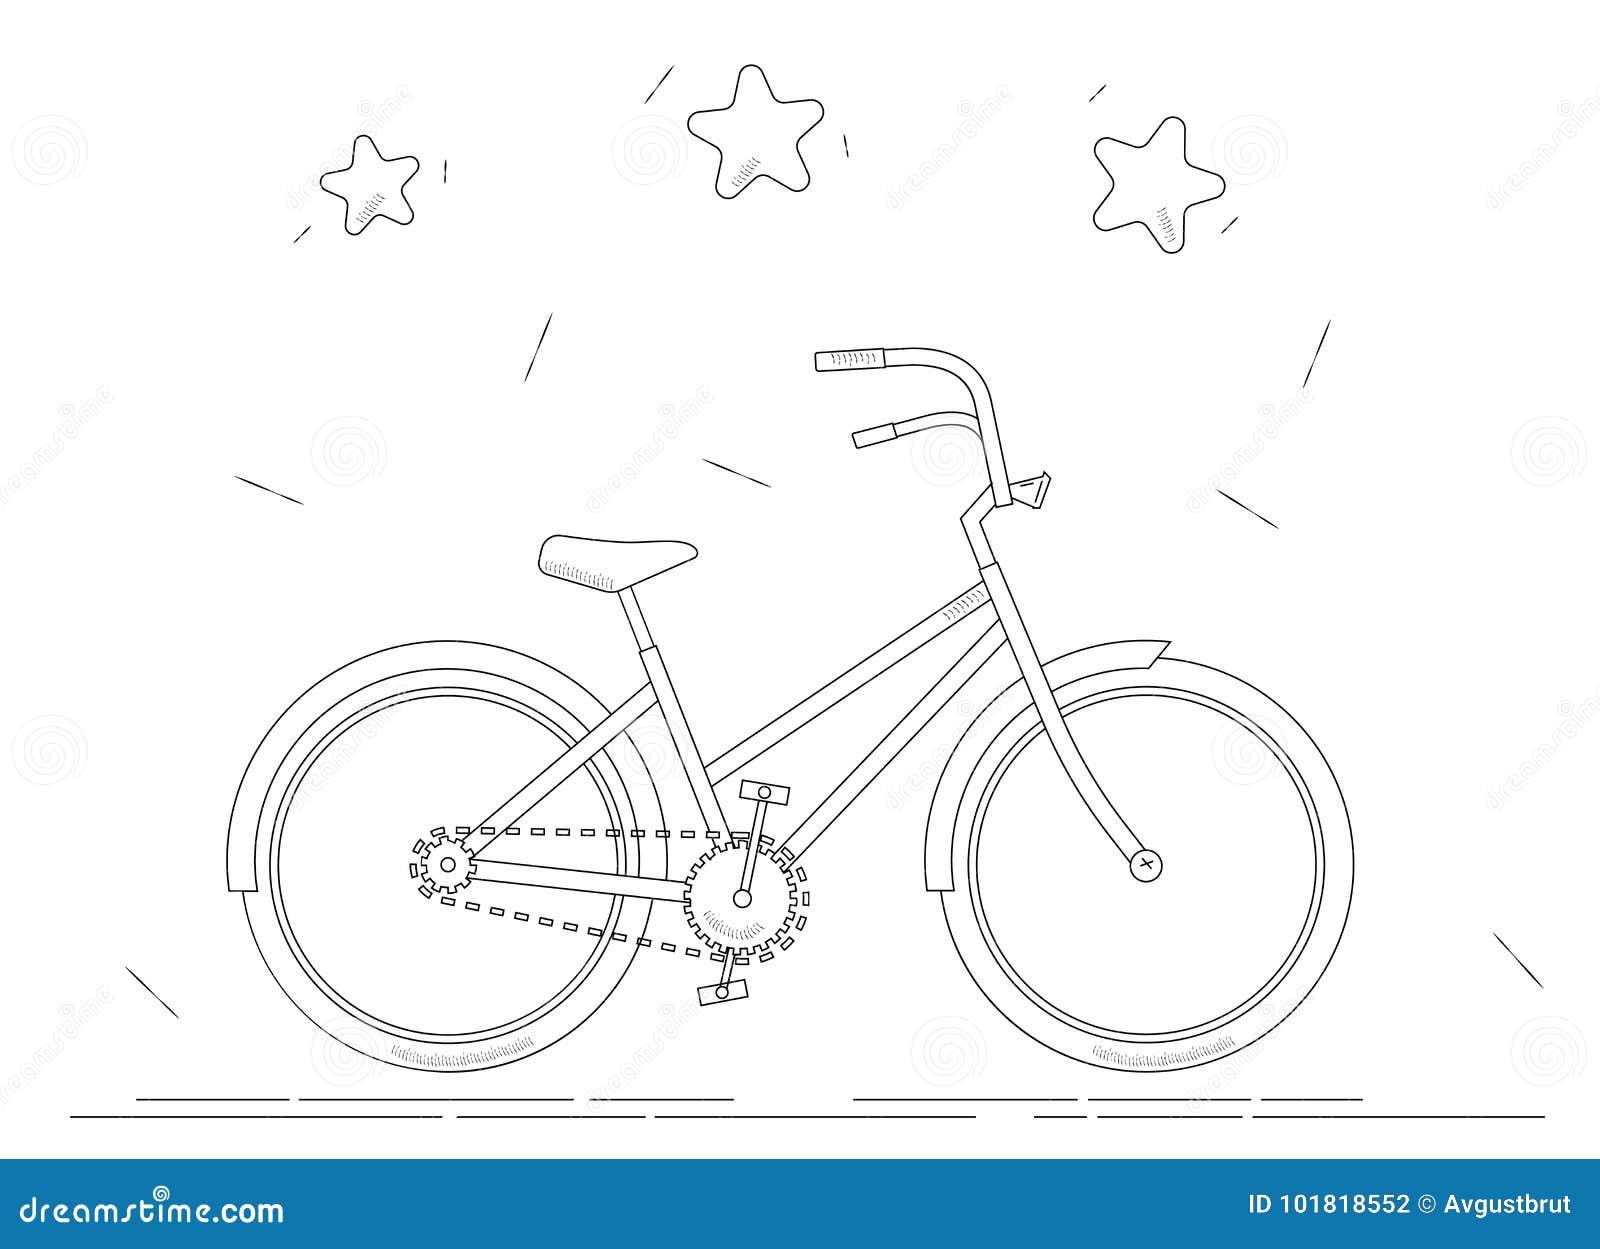 Libro Da Colorare Della Bici Disegno A Tratteggio In Bianco E Nero